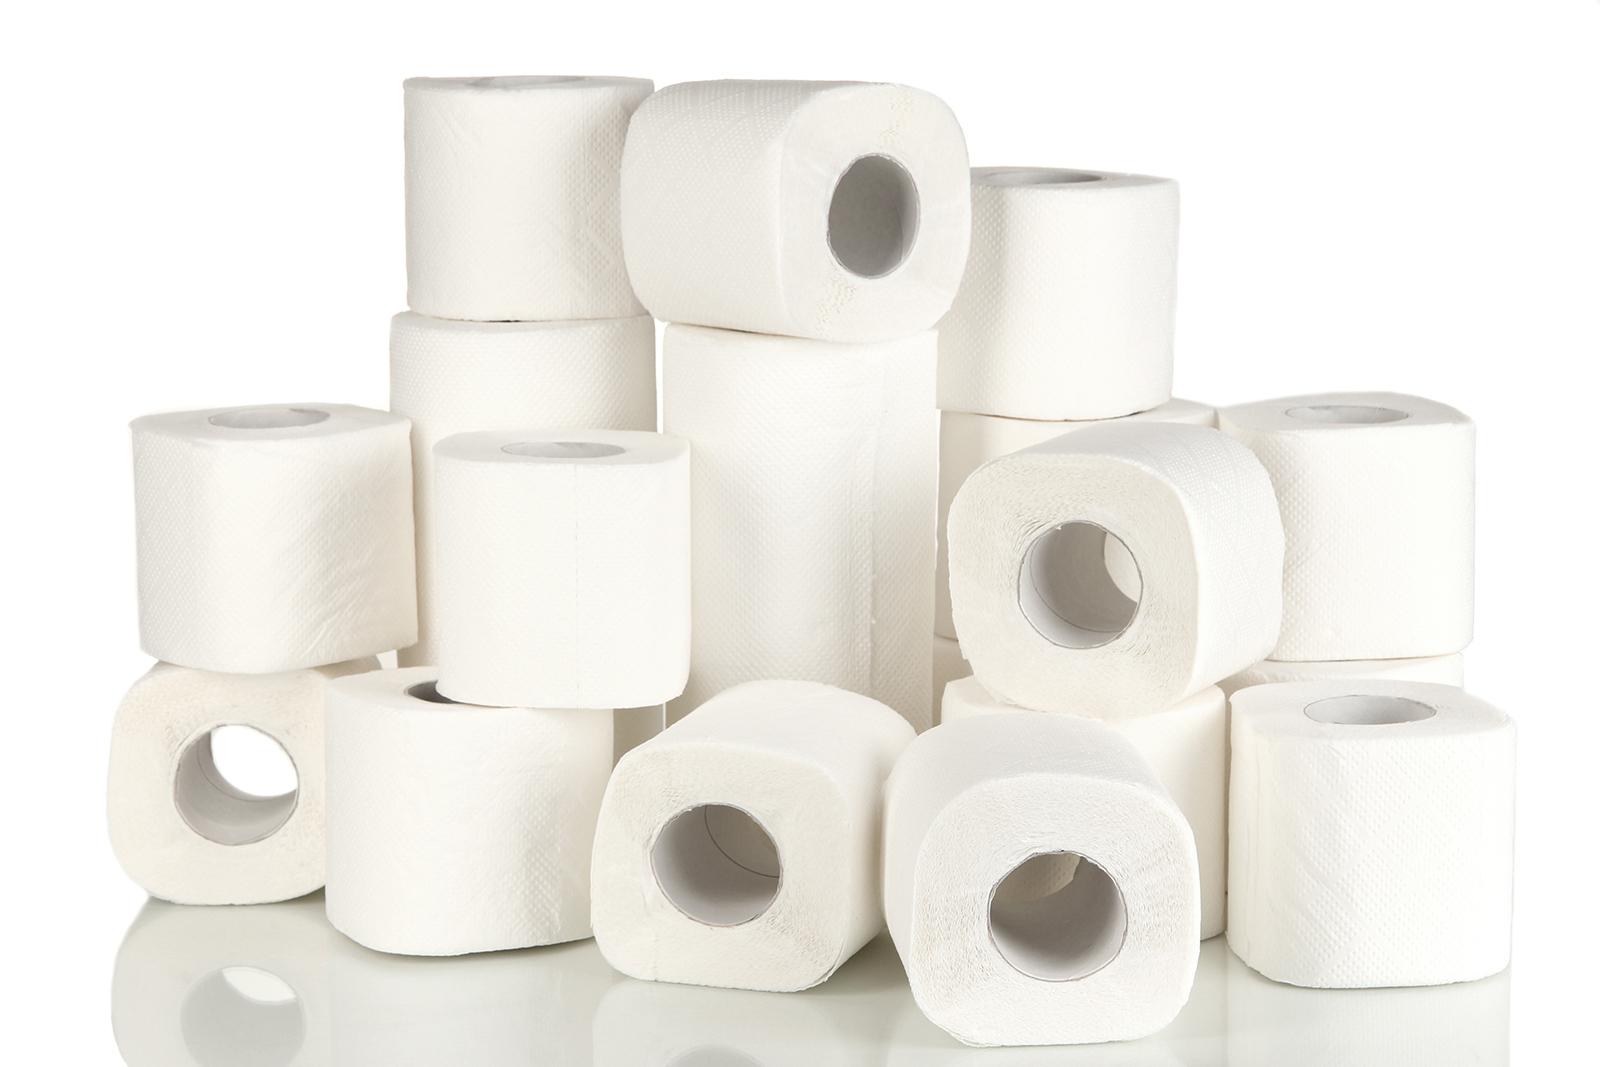 Yhdestä keskikokoisesta puusta voidaan Metsä Tissuen mukaan valmistaa yli tuhat rullaa WC-paperia. Kuva: Shutterstock